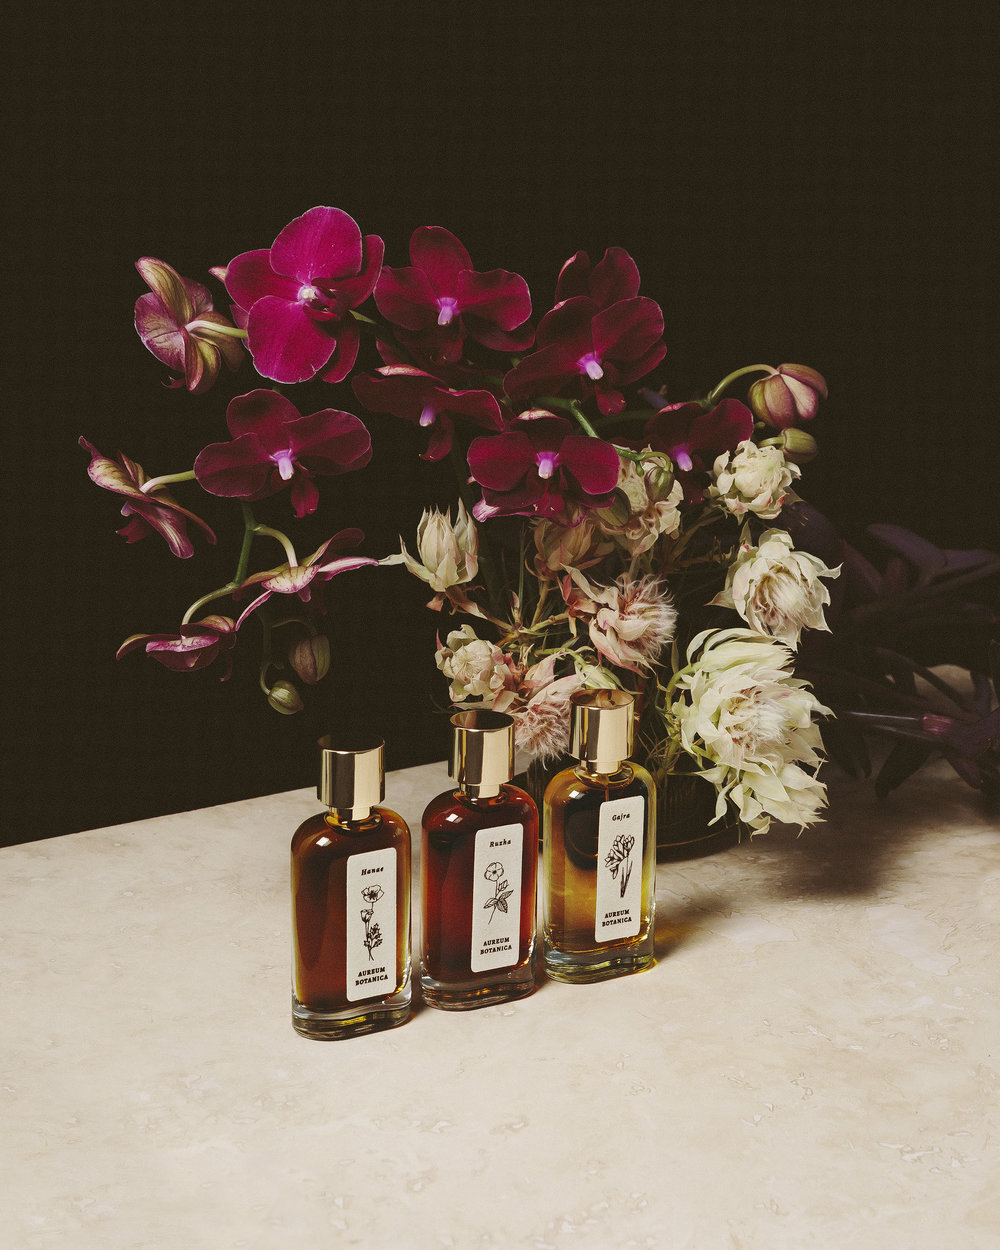 Aureum Botanica / Capsule Parfumerie